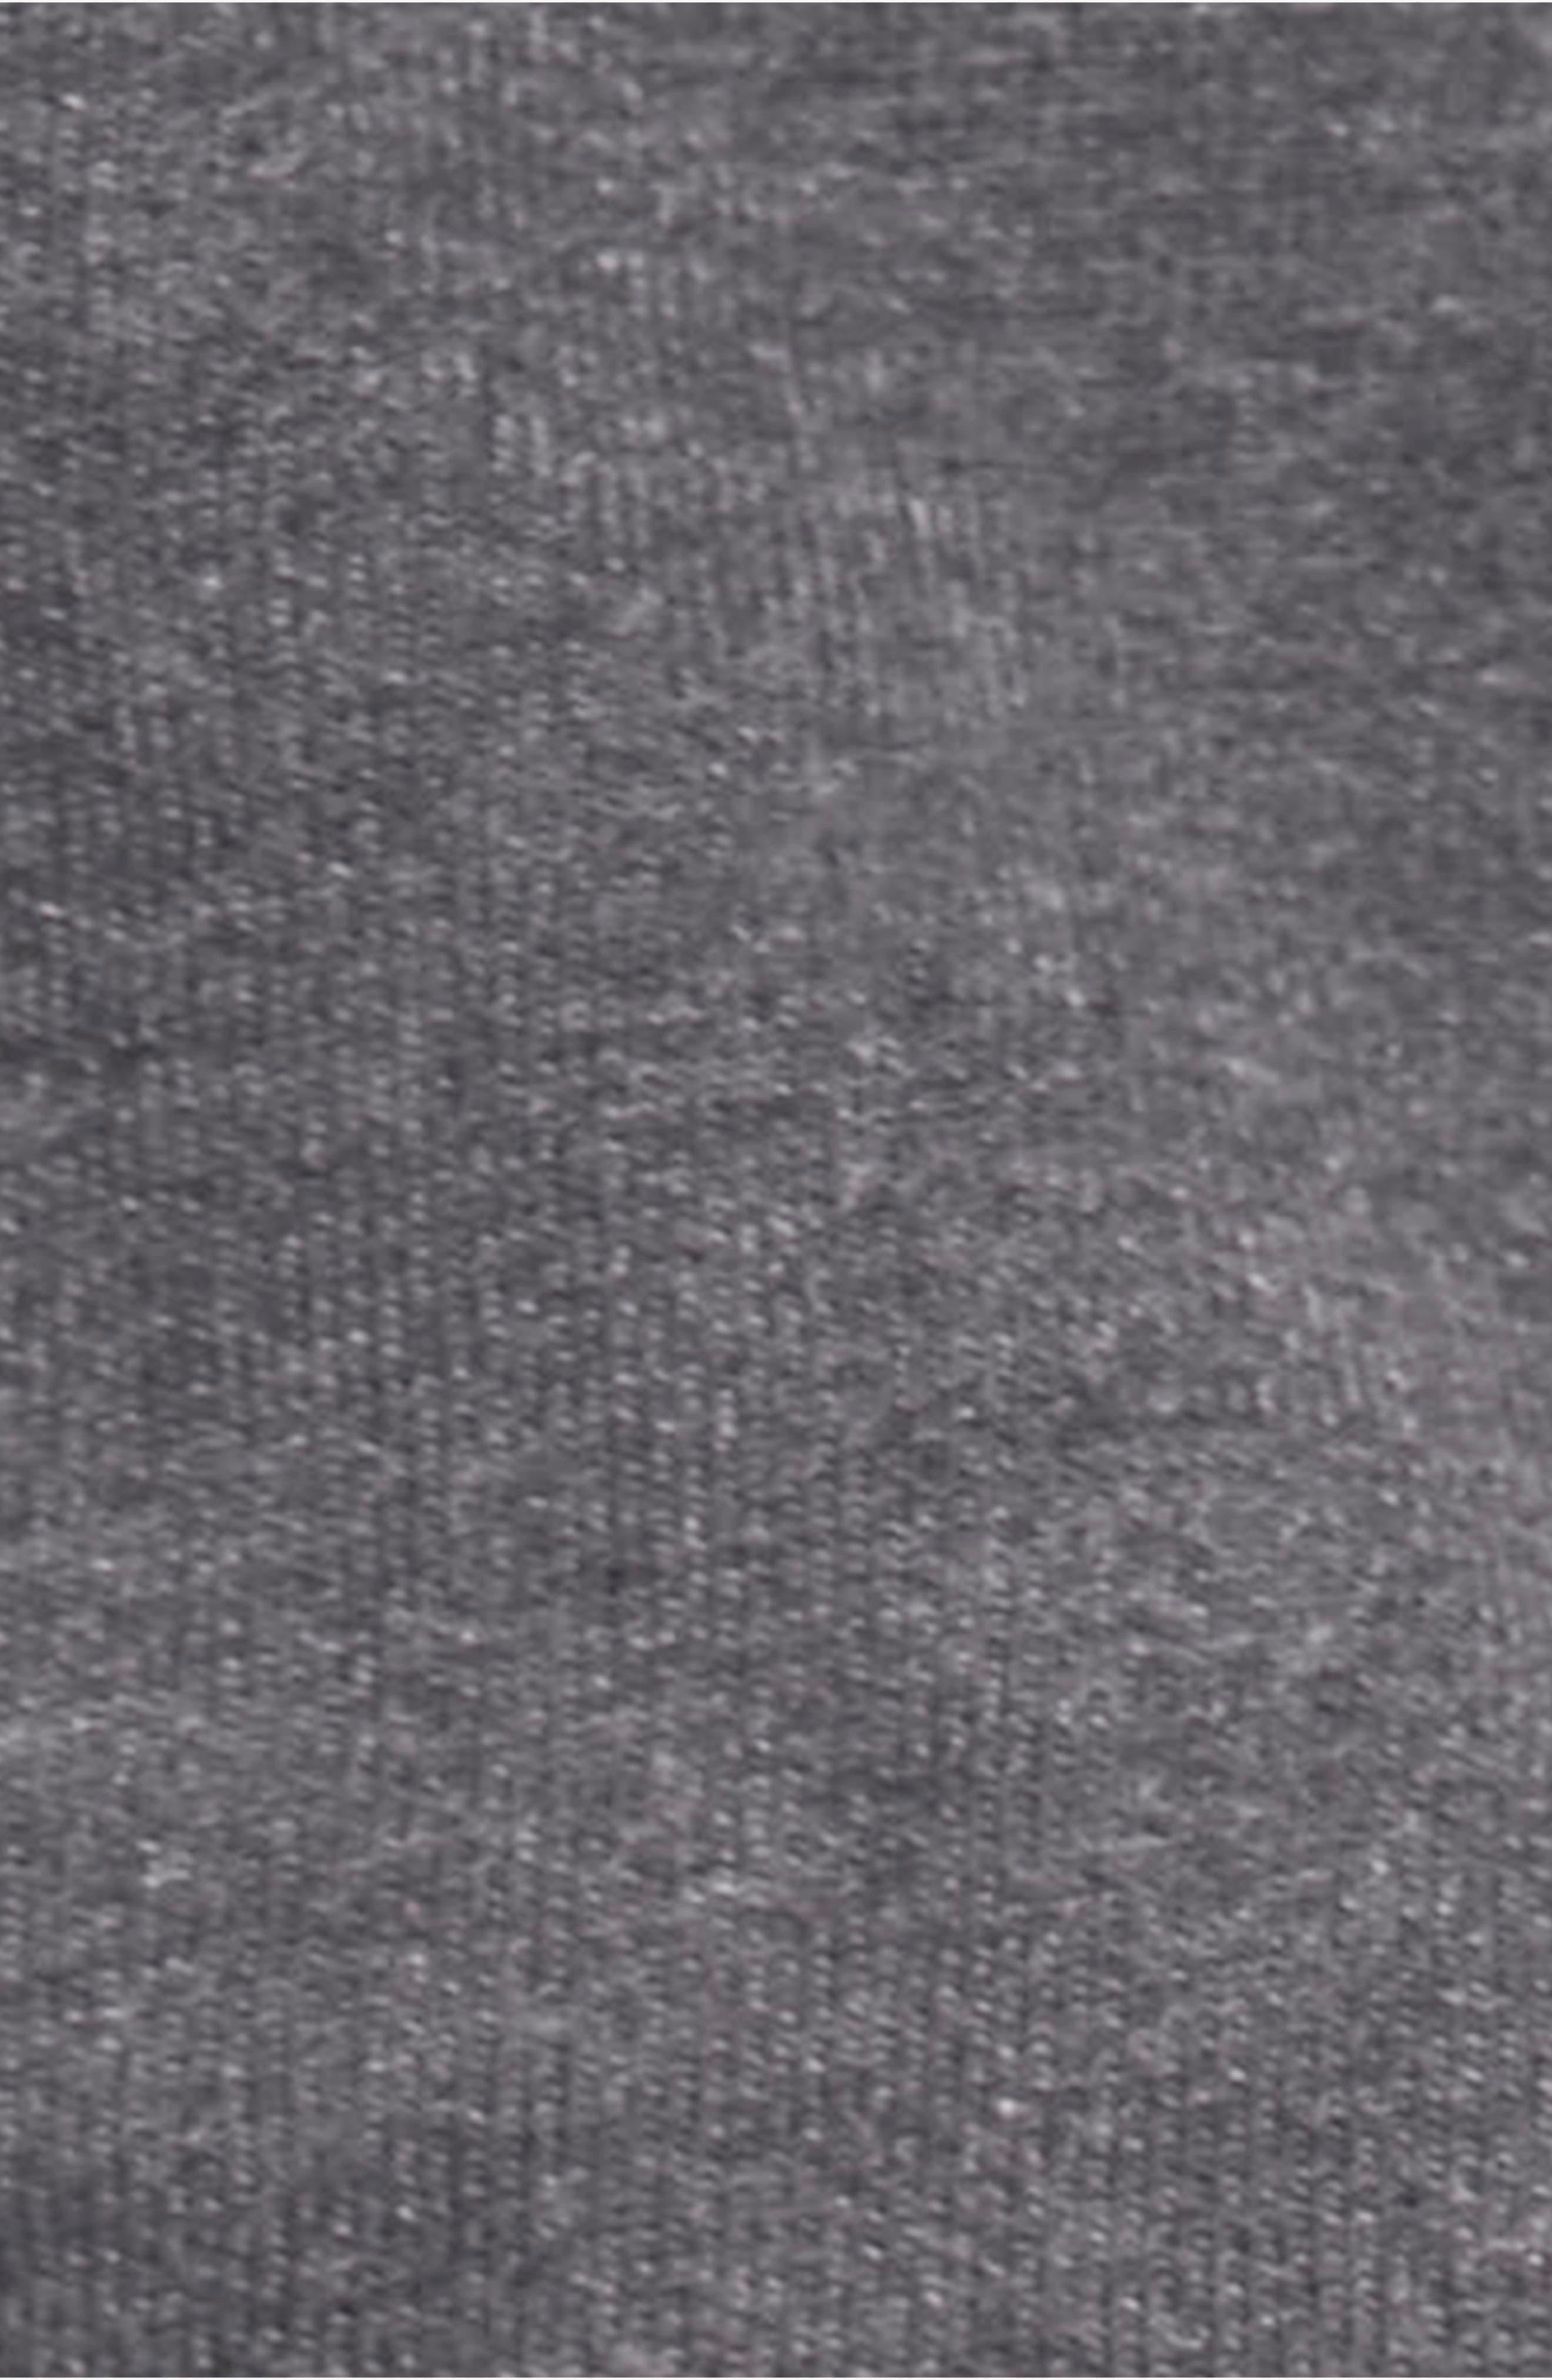 FREE PEOPLE,                             Look Ahead Crop Sweatshirt,                             Alternate thumbnail 5, color,                             020